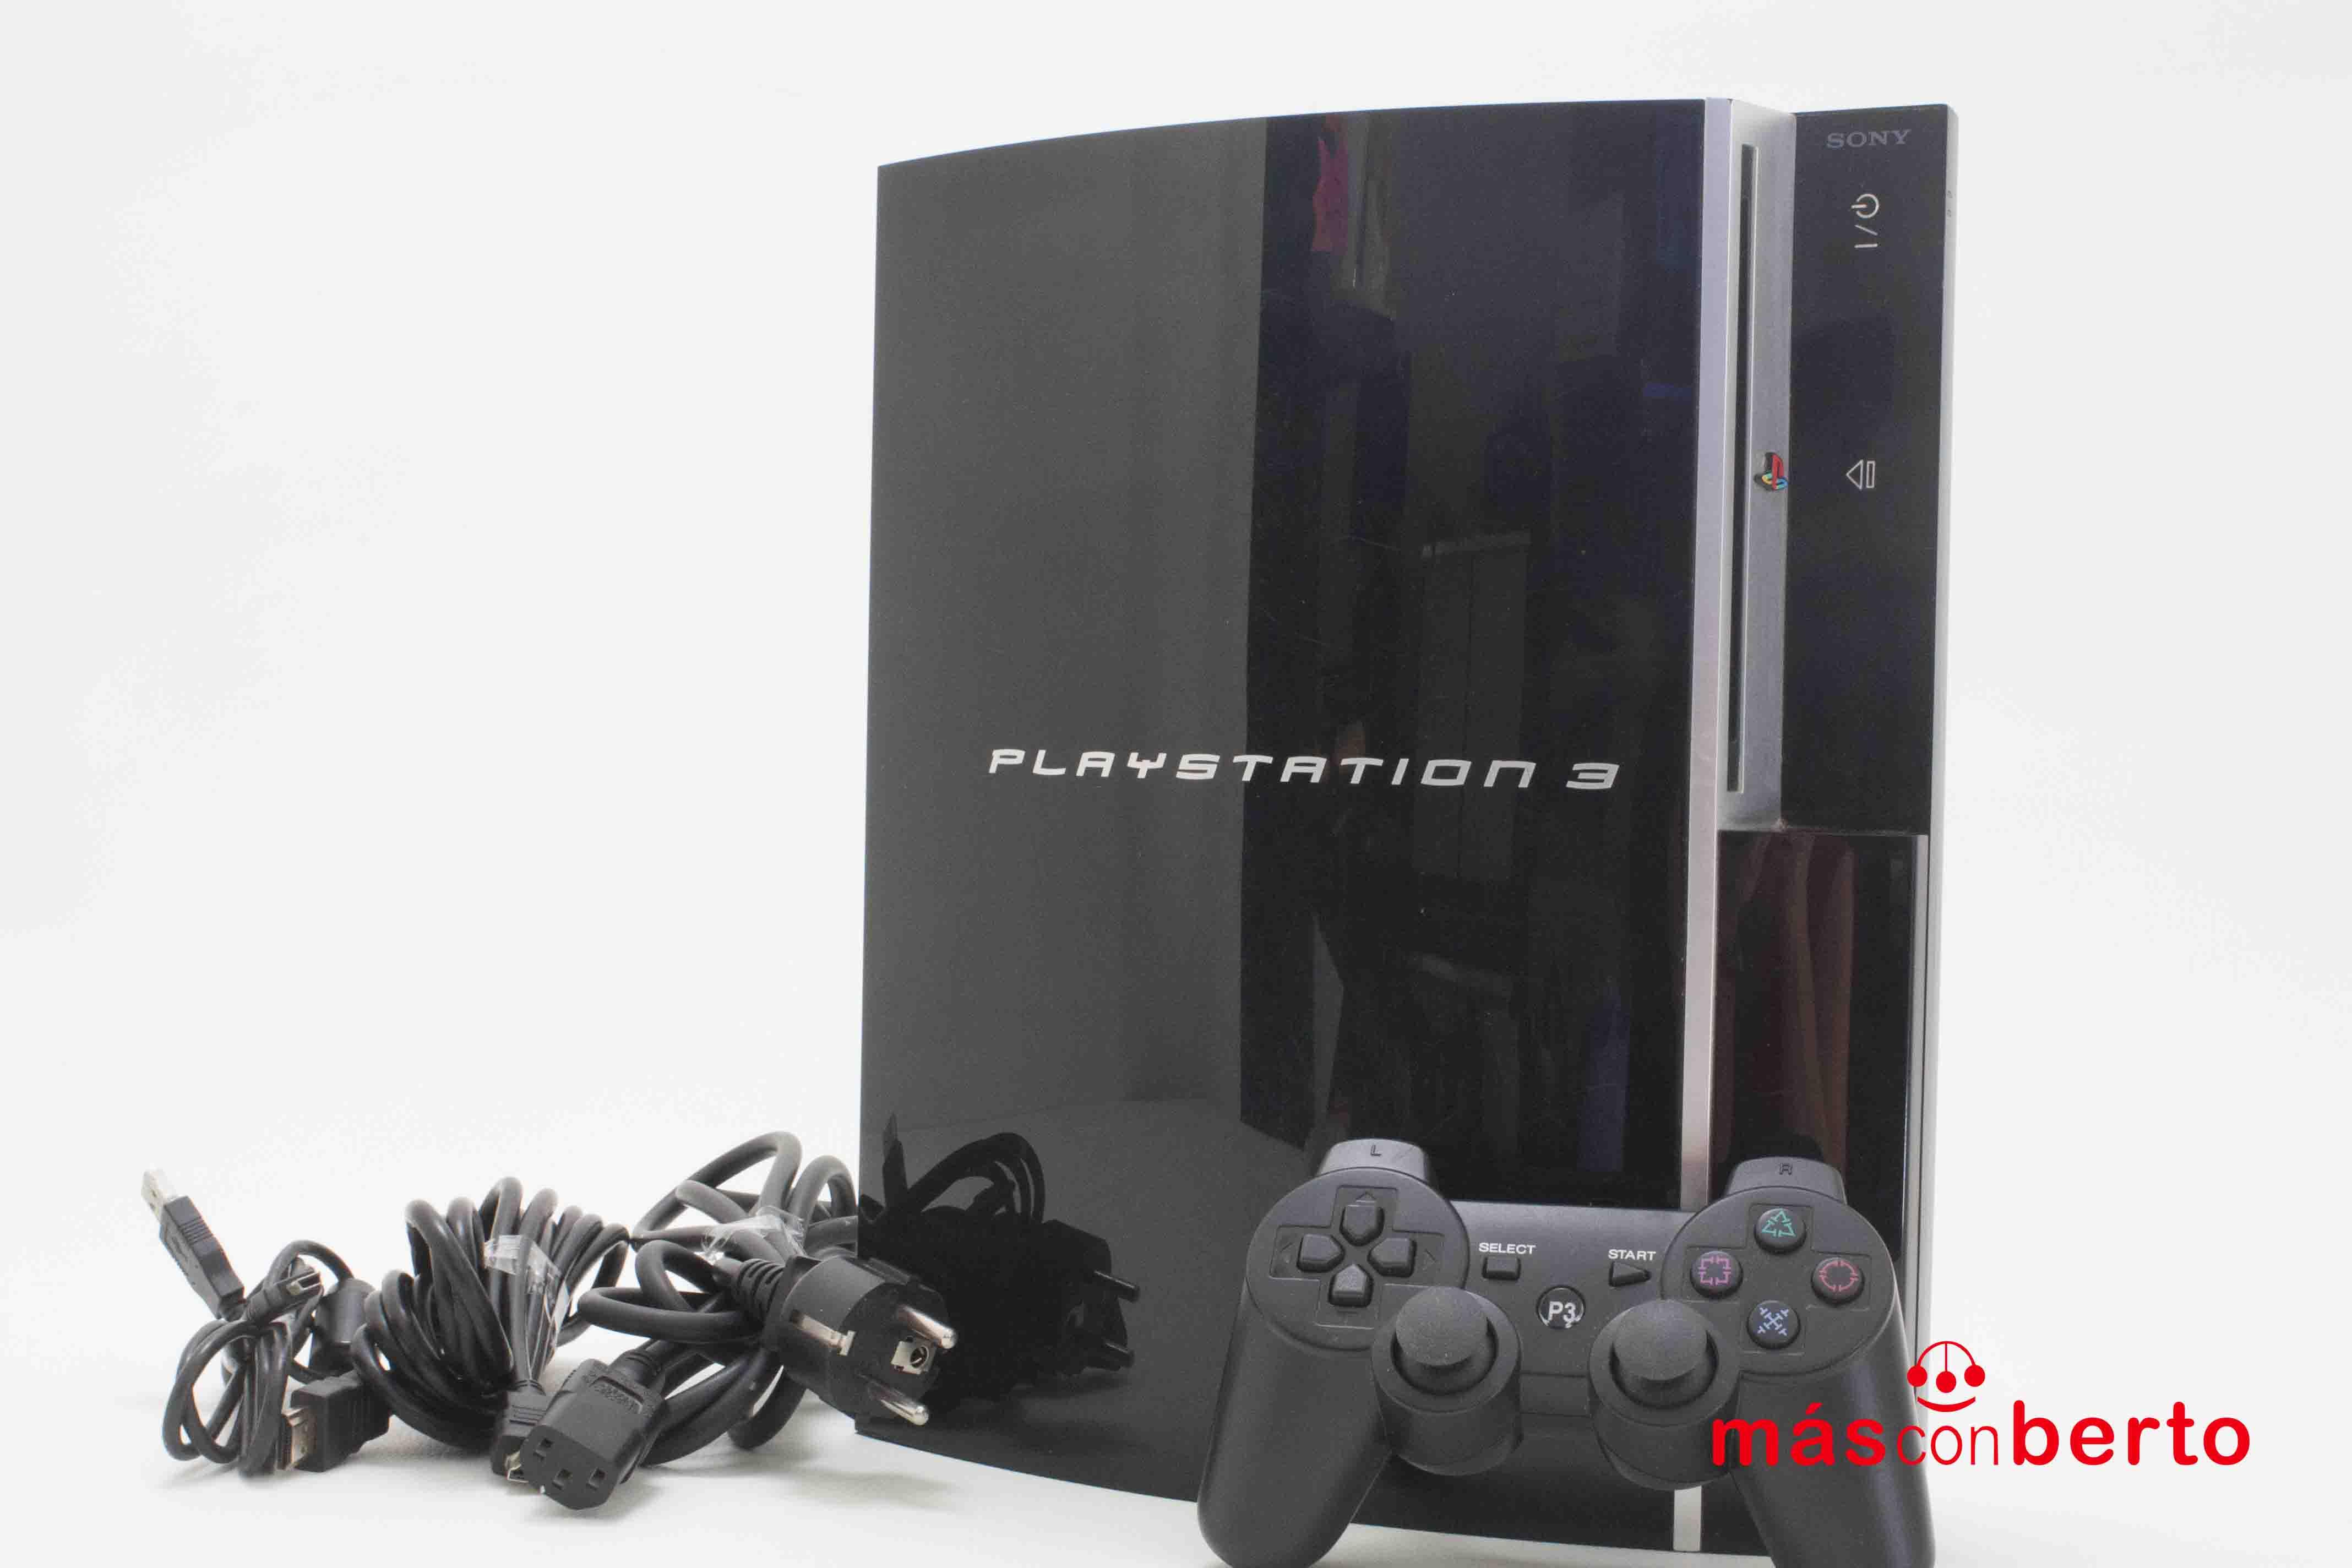 Consola Sony PS3 80GB